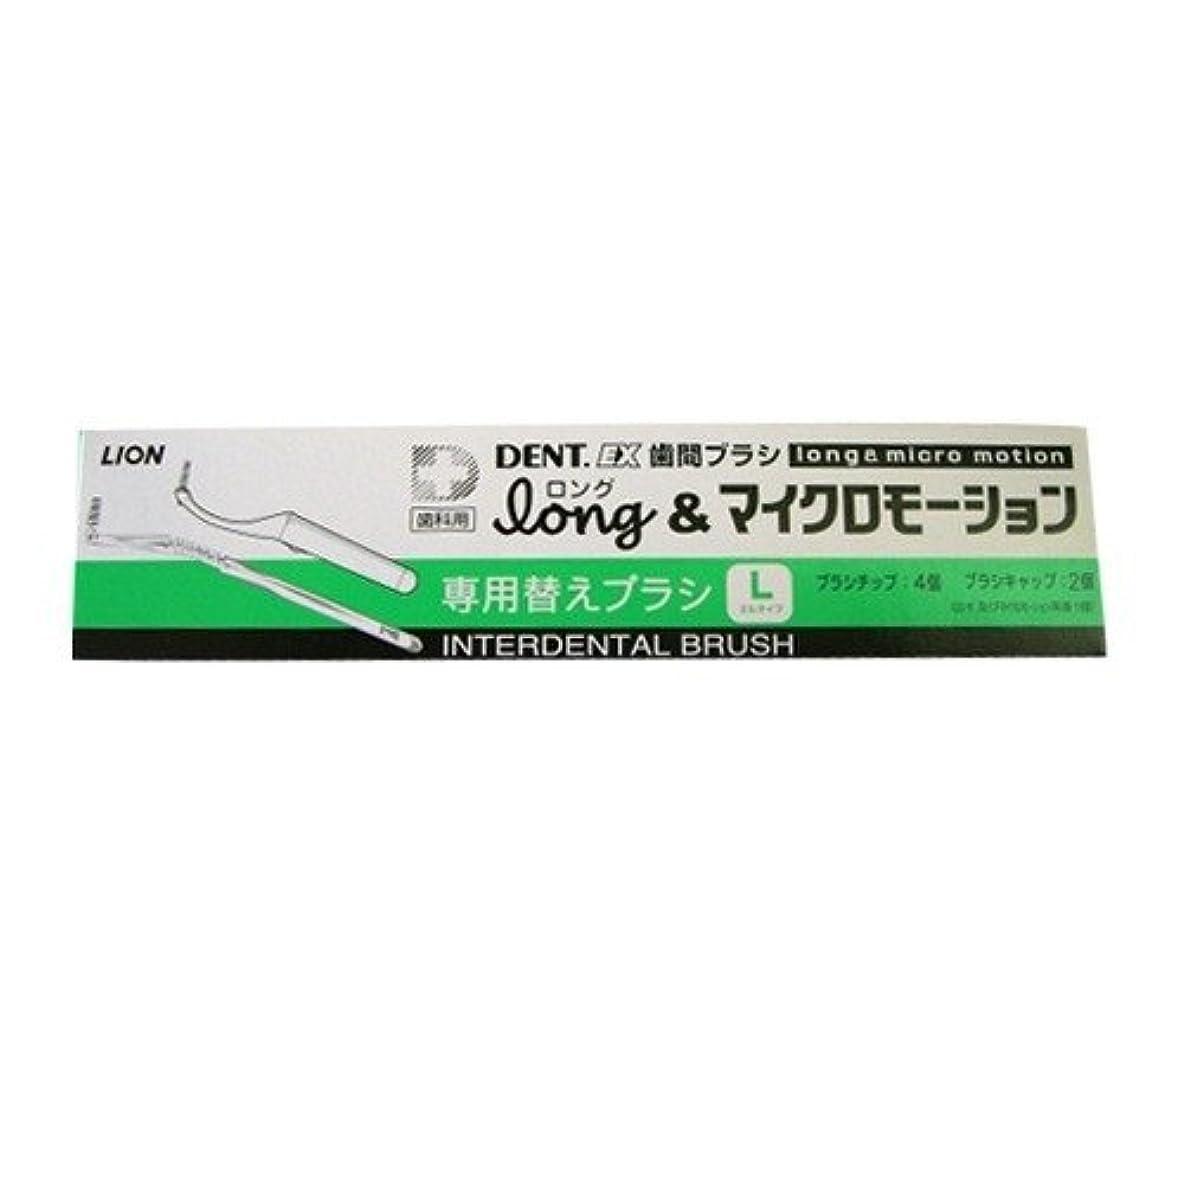 ライオン DENT.EX 歯間ブラシ ロング&マイクロモーション 専用替えブラシ L